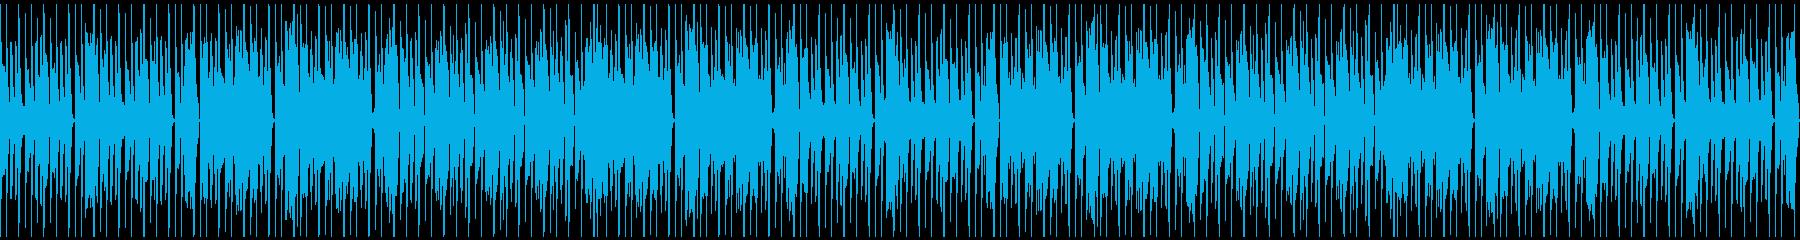 特徴的なリズムのキラキラシンセポップの再生済みの波形